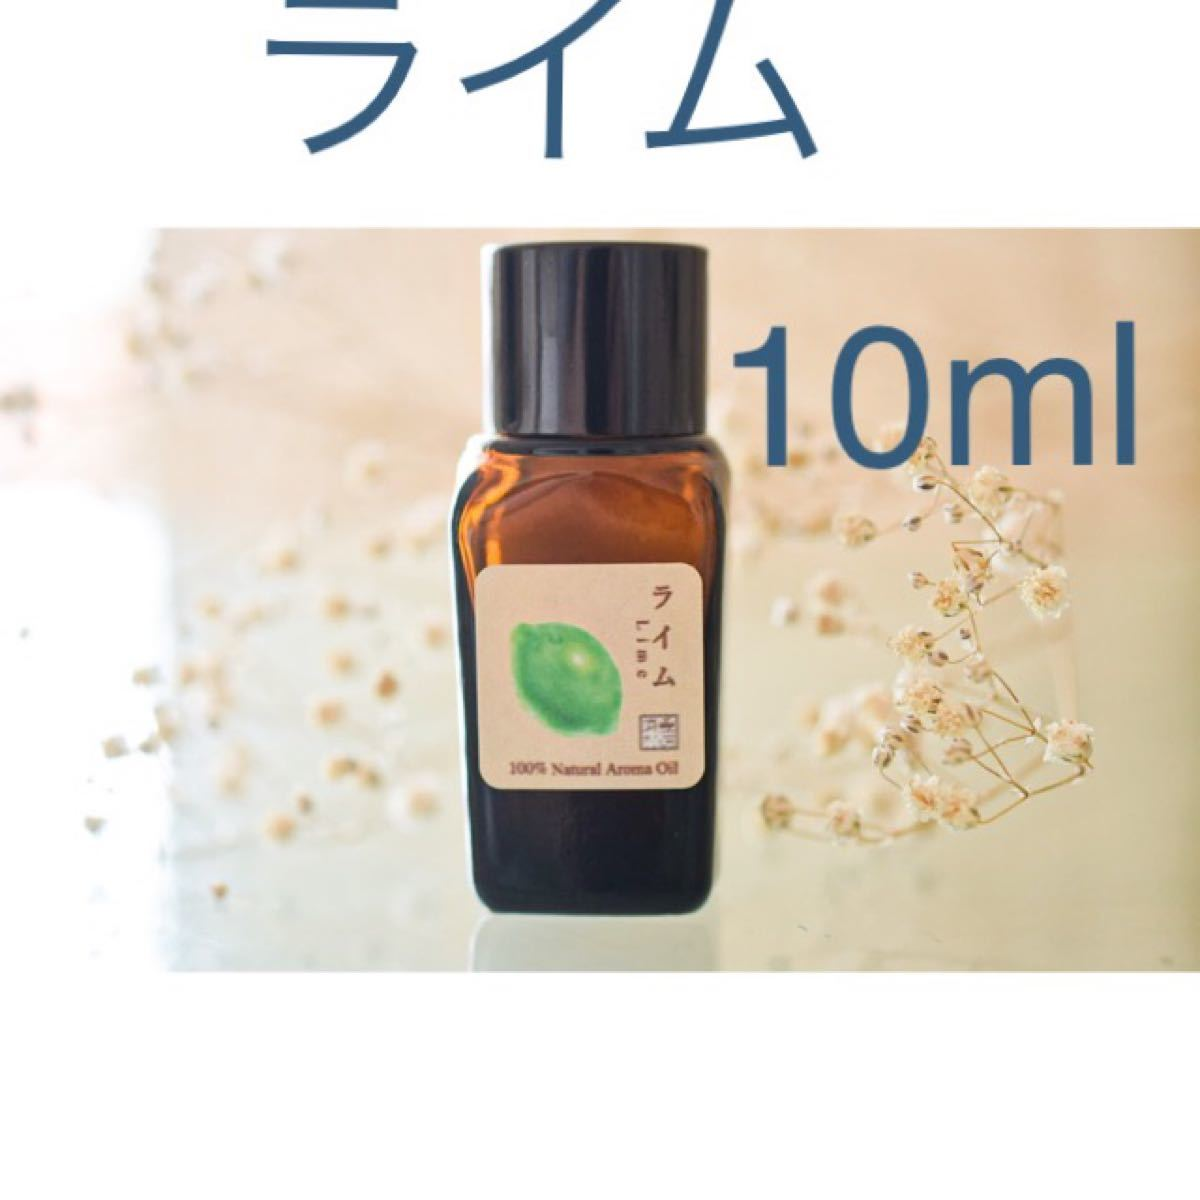 ゆず ライム グレープフルーツ 10ml  アロマ用精油 エッセンシャルオイル